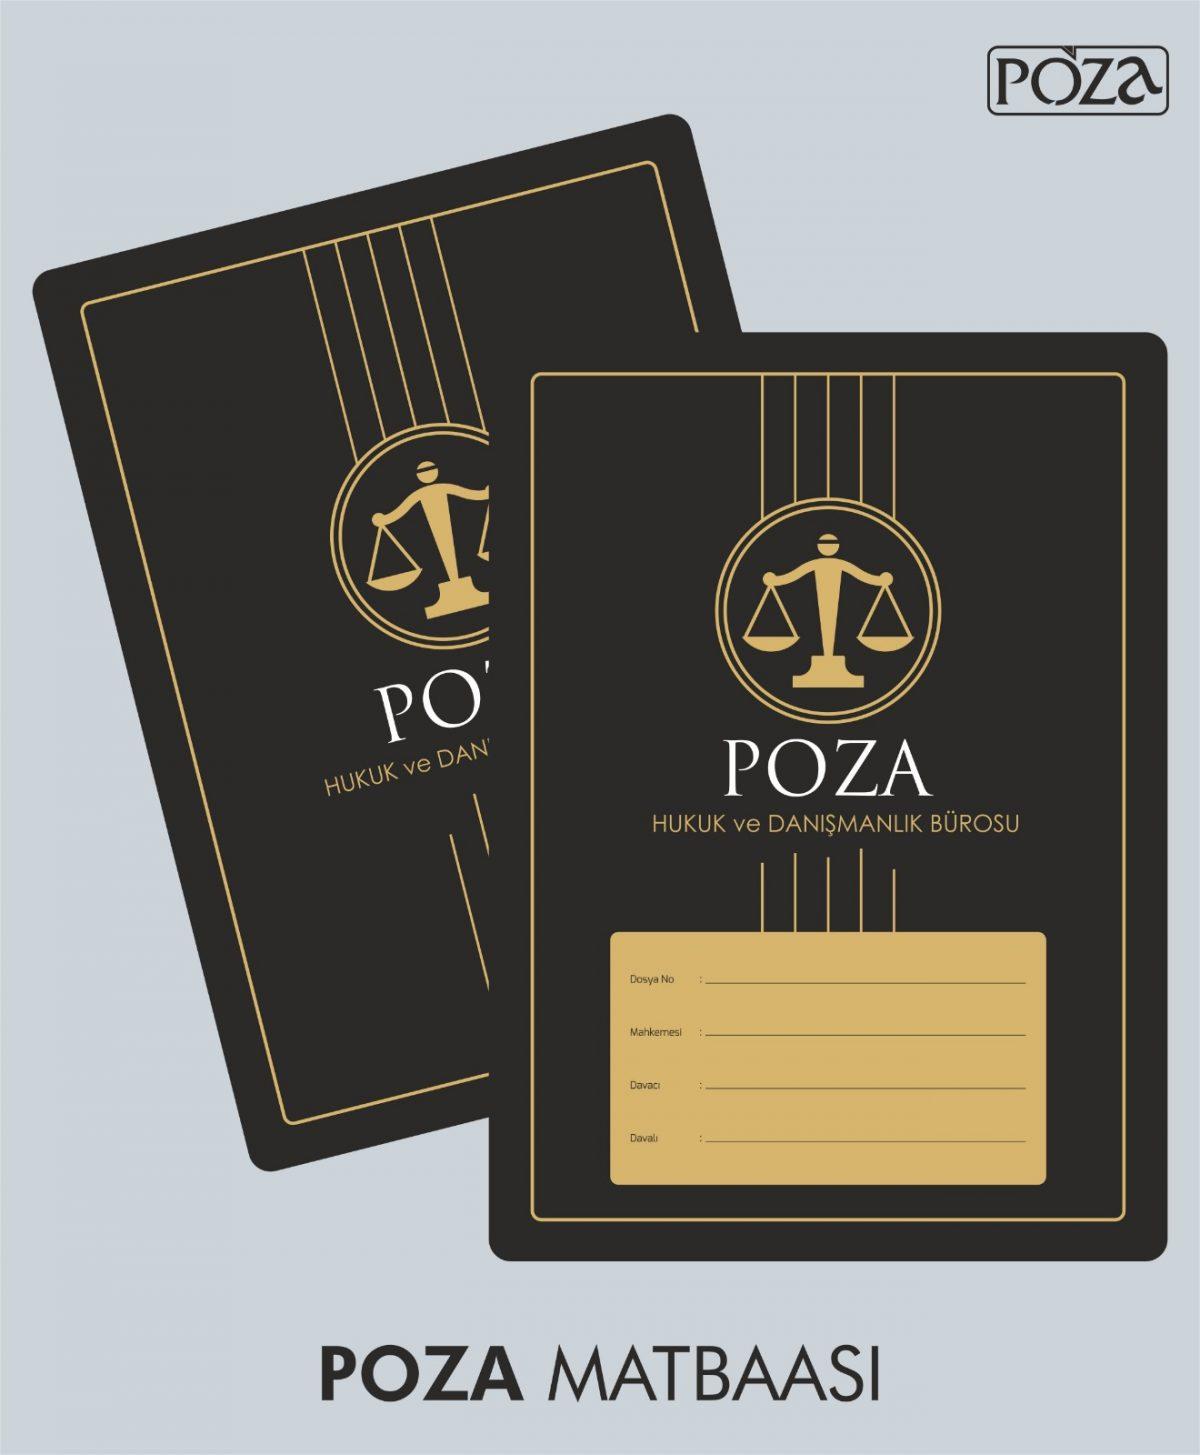 avukat büro dosyası model 4